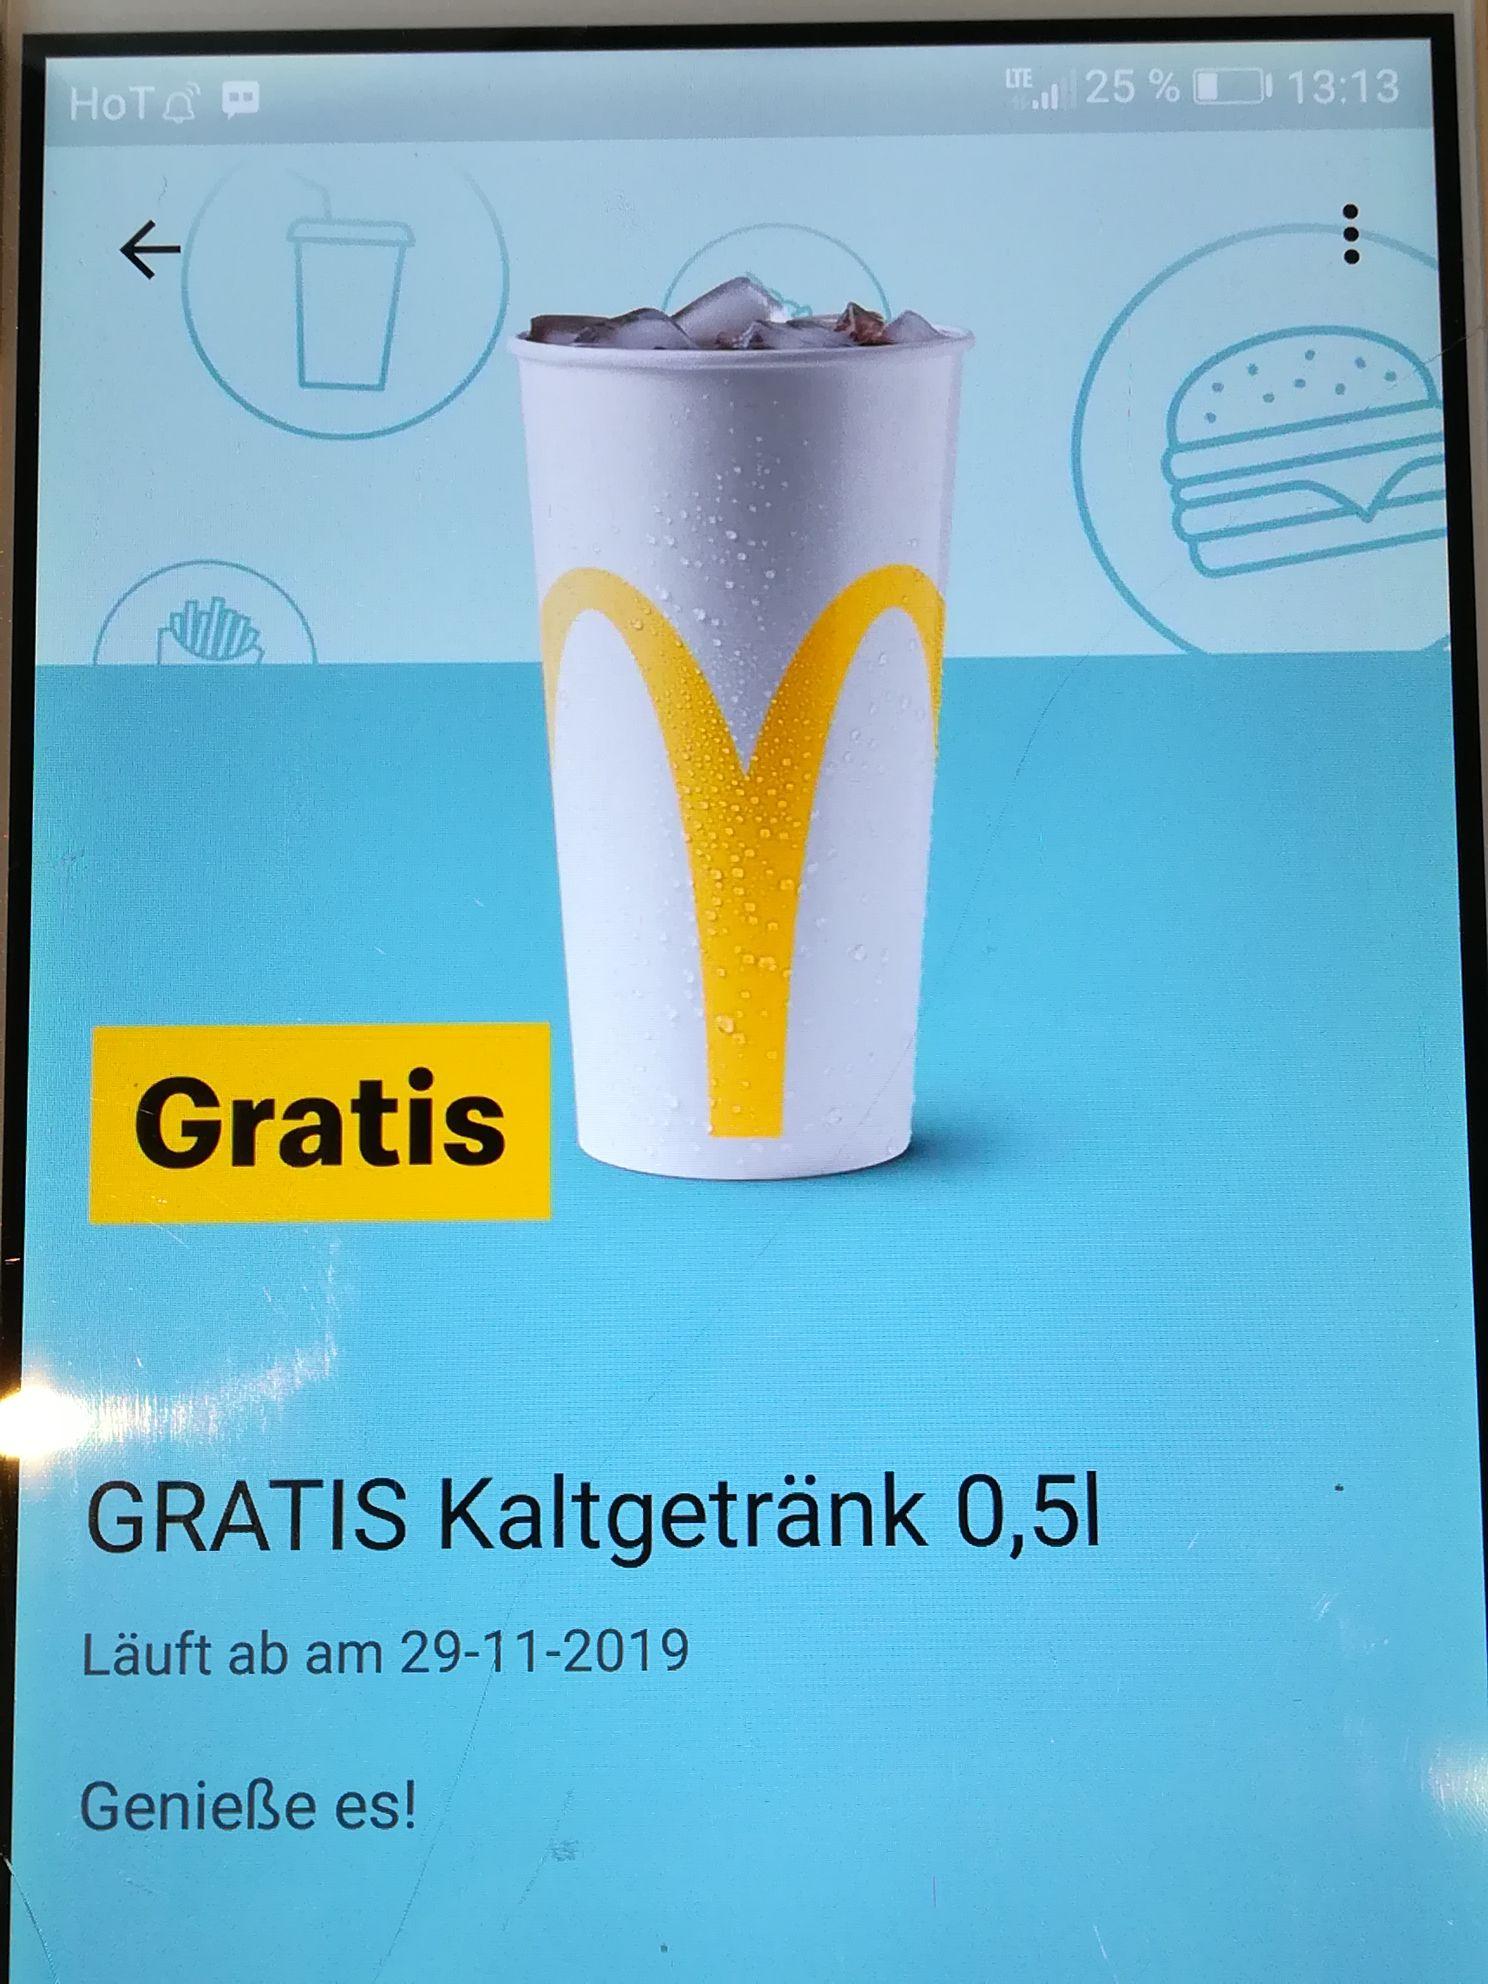 Mc Donalds App - Gratis Kaltgetränk 0,5l (nicht für alle!!!)